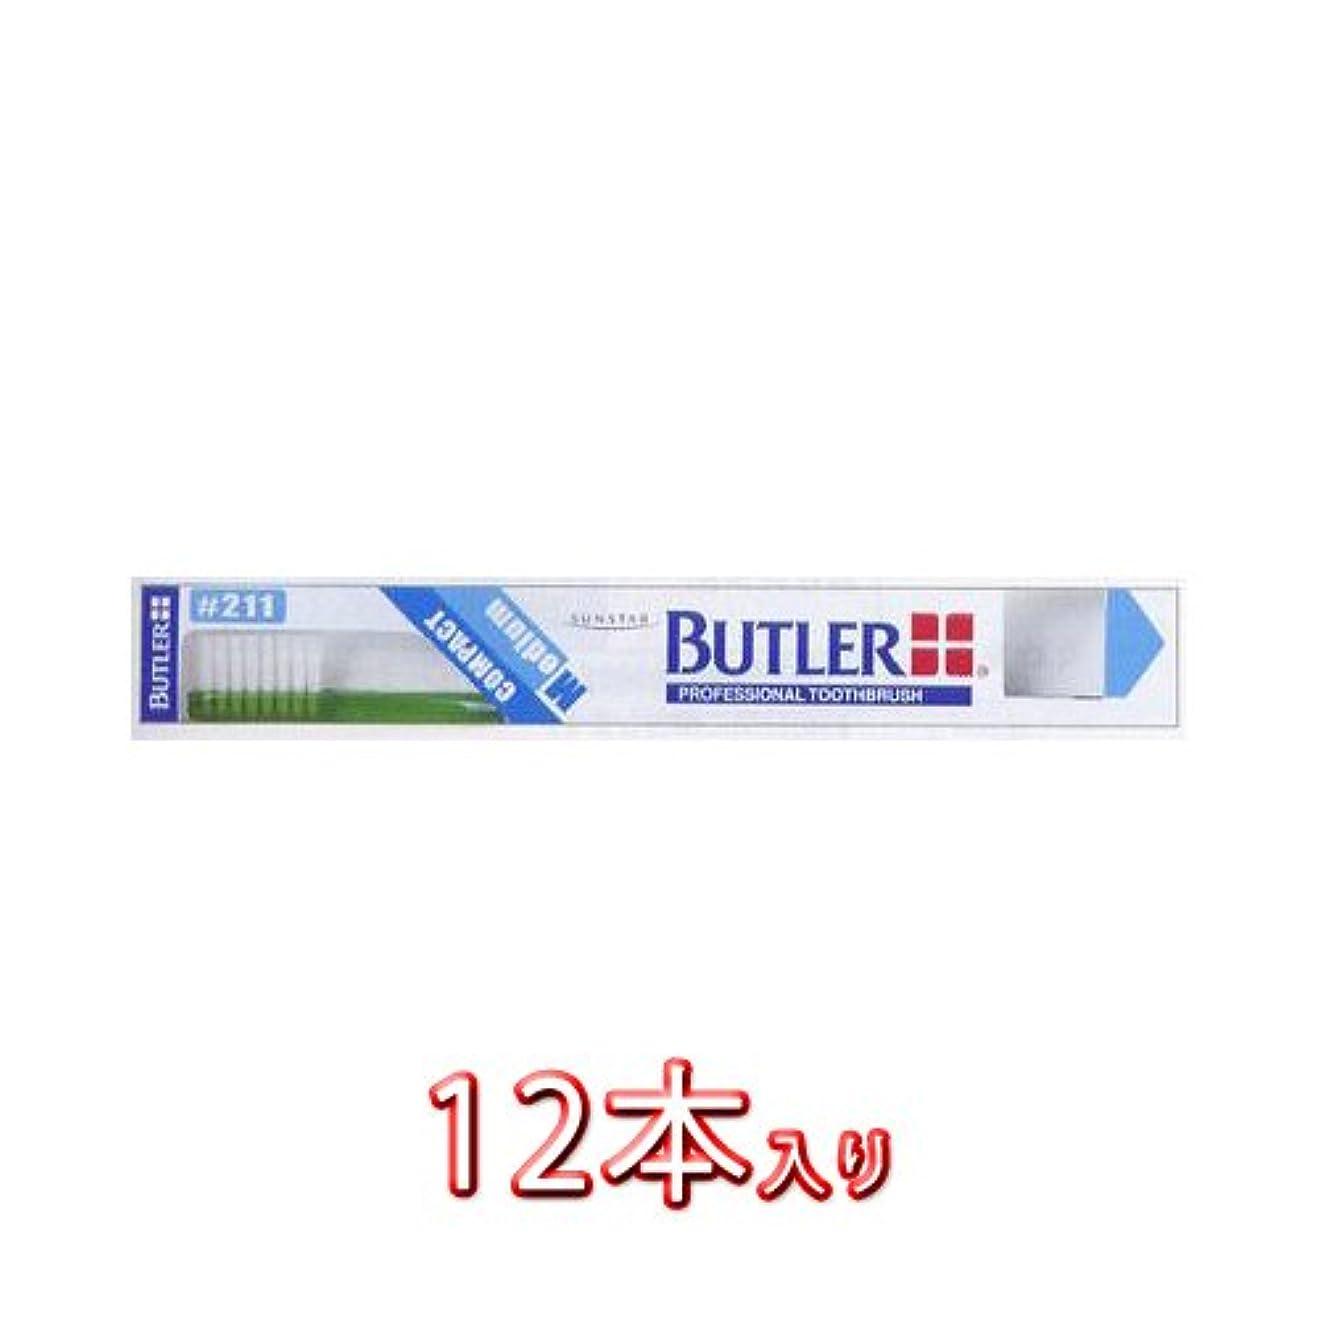 分注する刈り取るトレッドバトラー 歯ブラシ #211 12本入